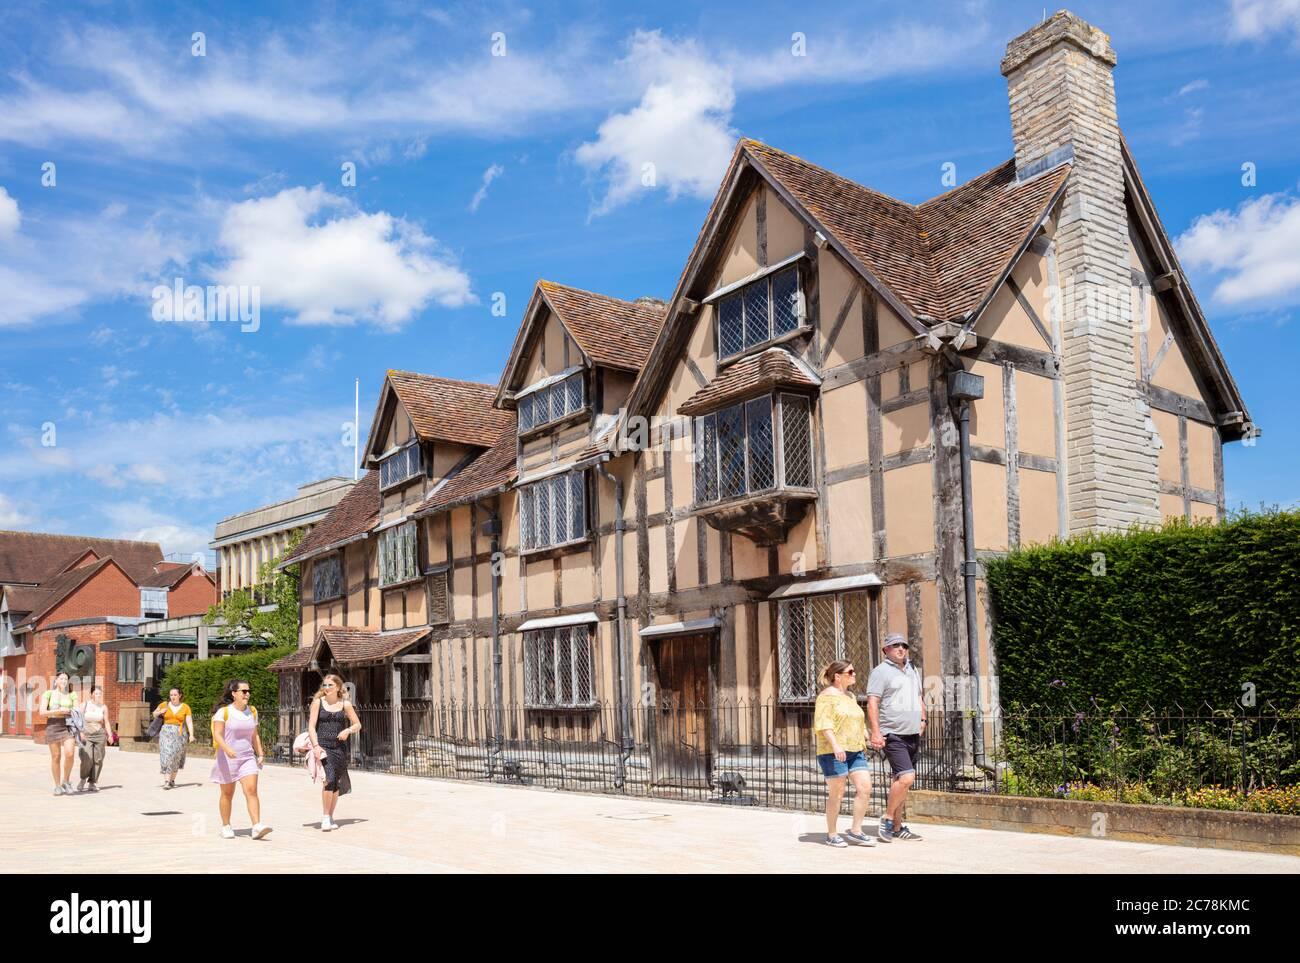 William Shakespeare lieu de naissance de Stratford-upon-Avon William Shakespeare lieu de naissance de Stratford upon Avon Warwickshire Angleterre GB Europe Banque D'Images